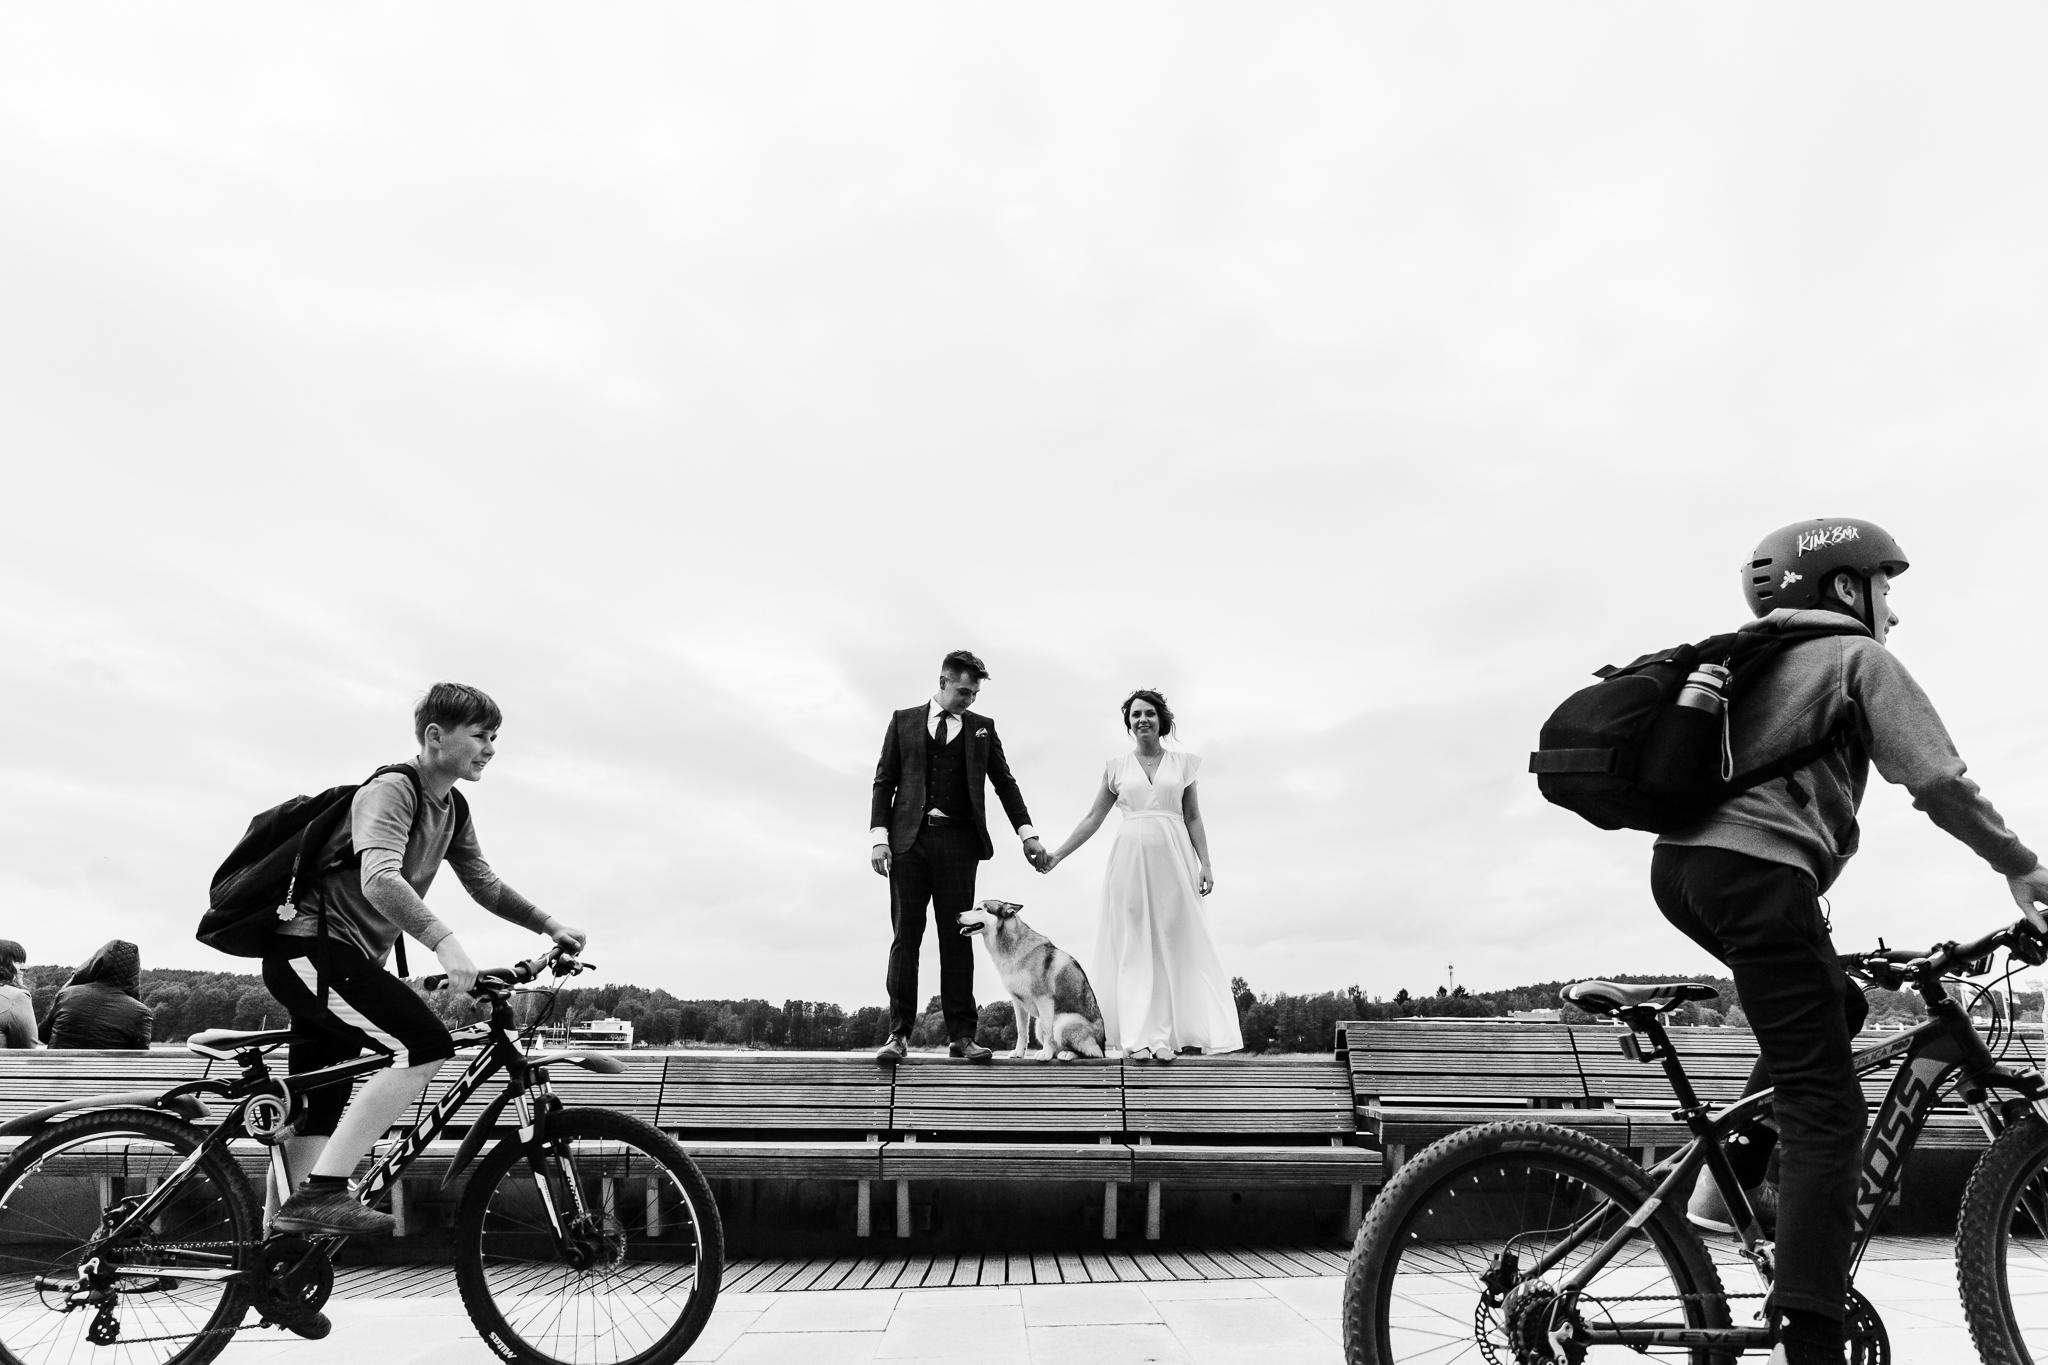 plener to nie tylko ustawiane zdjęcia - to również reportaż na sesji ślubnej